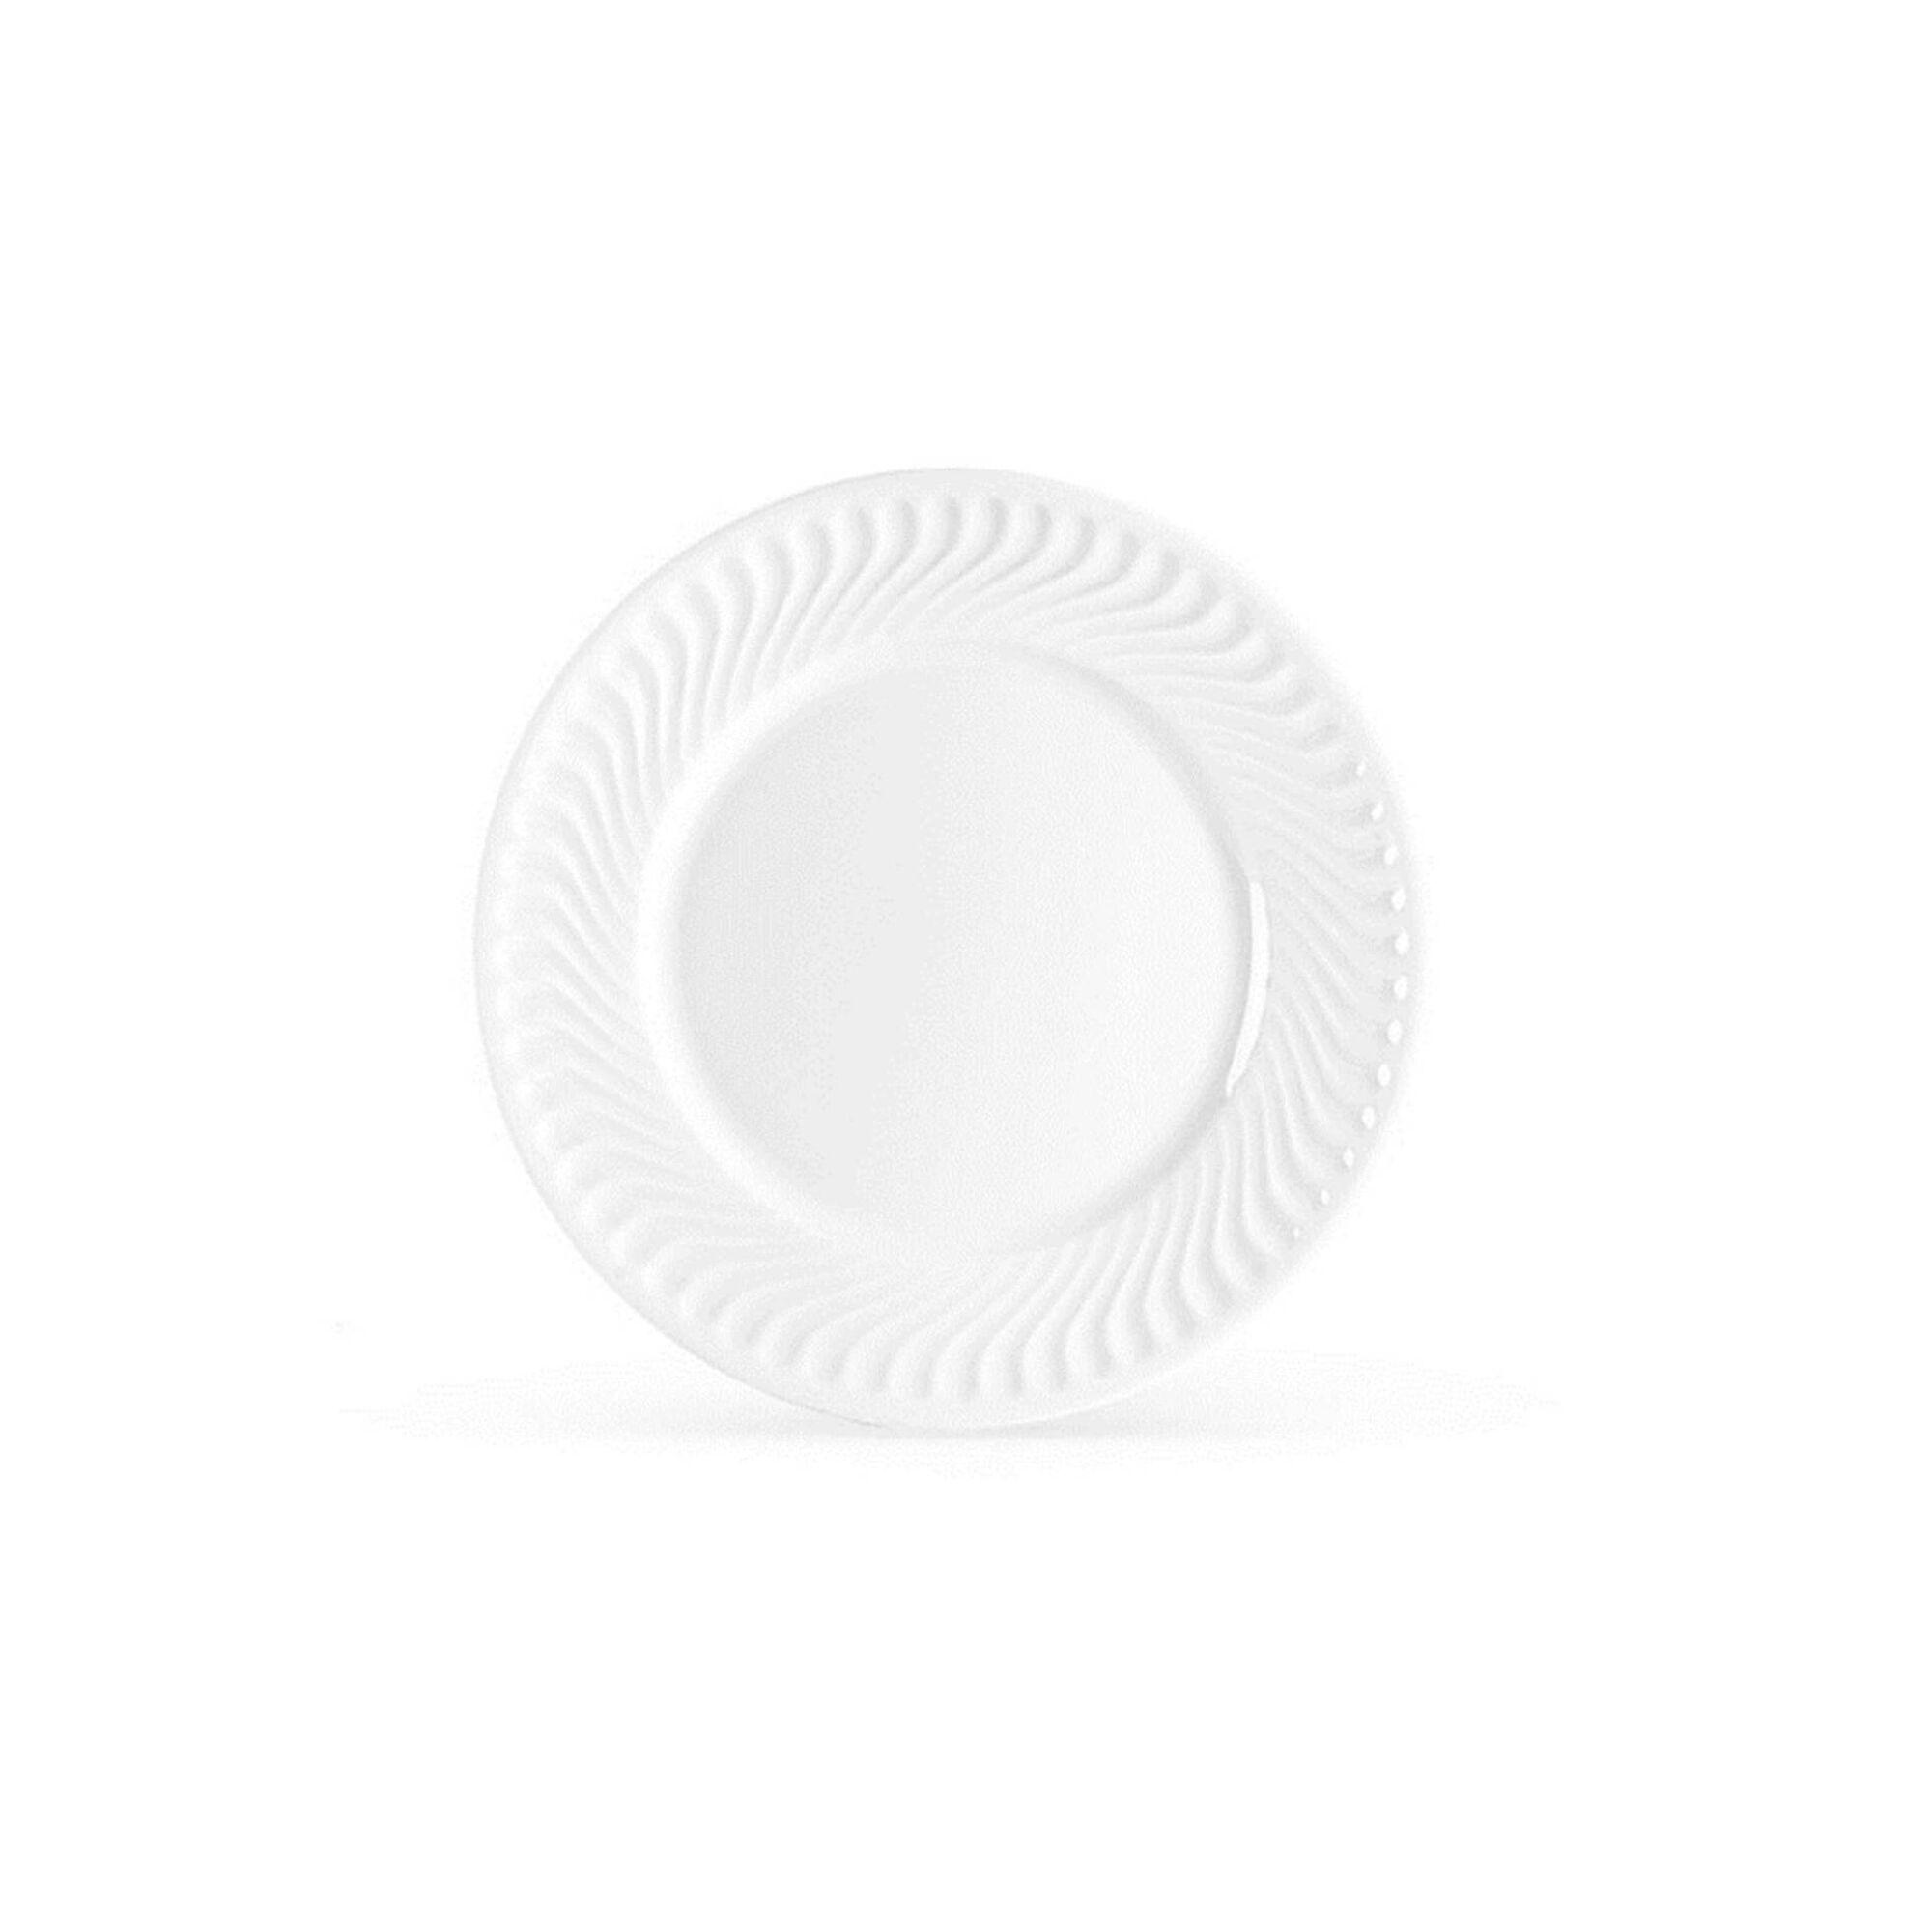 Prato Sobremesa 22cm Branco Sagres